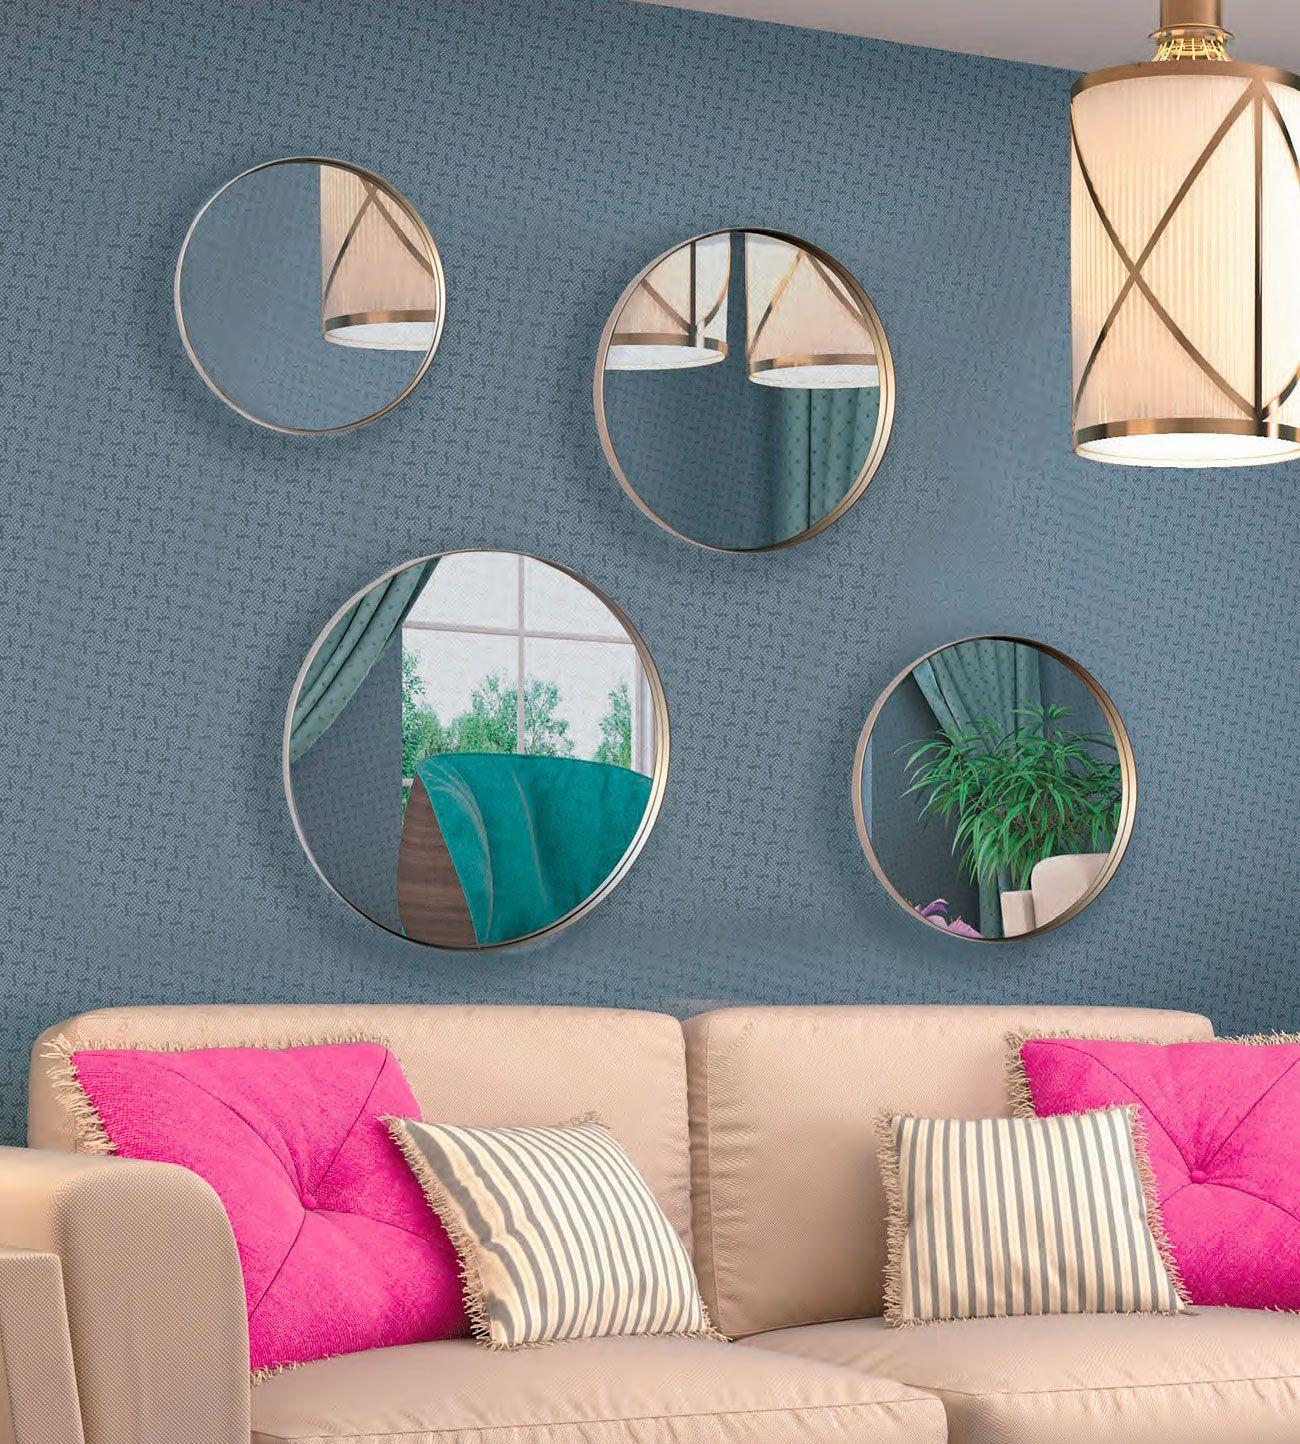 Espelho Valeria, Espelhos Decorativos